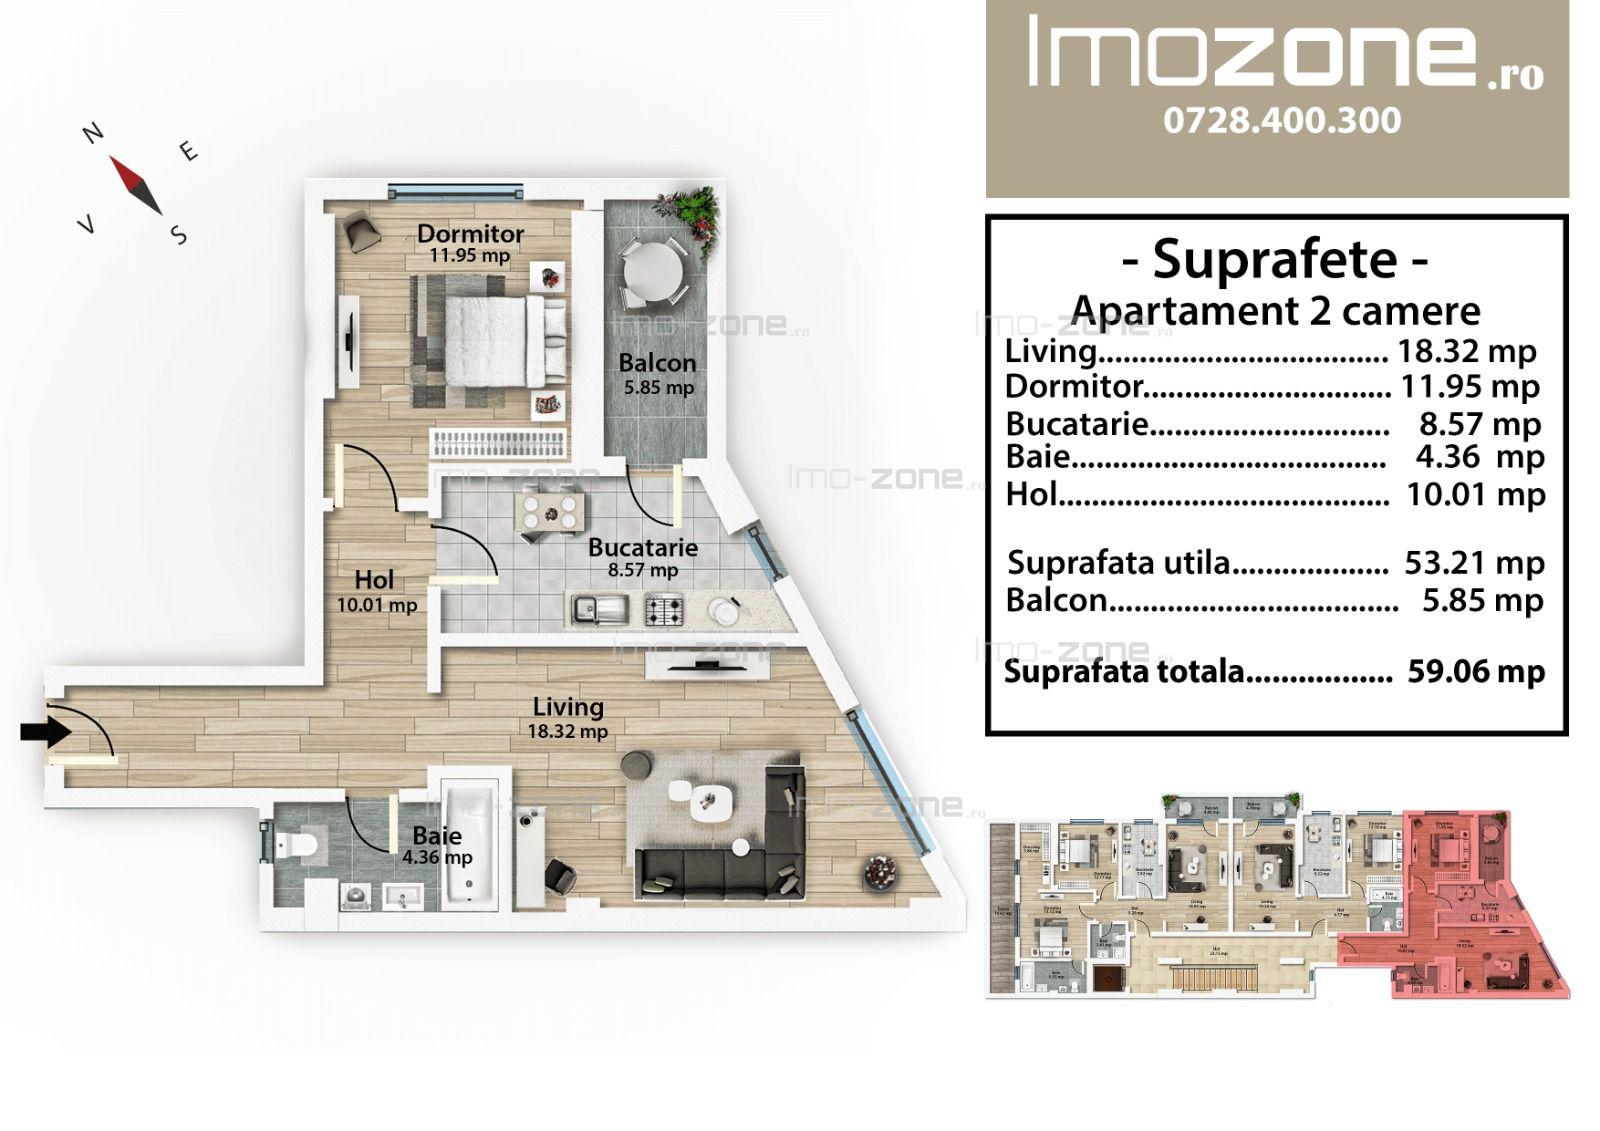 Mall Plaza, 2 camere, decomandat, baie cu geam, bucatarie inchisa, 9 min. metrou